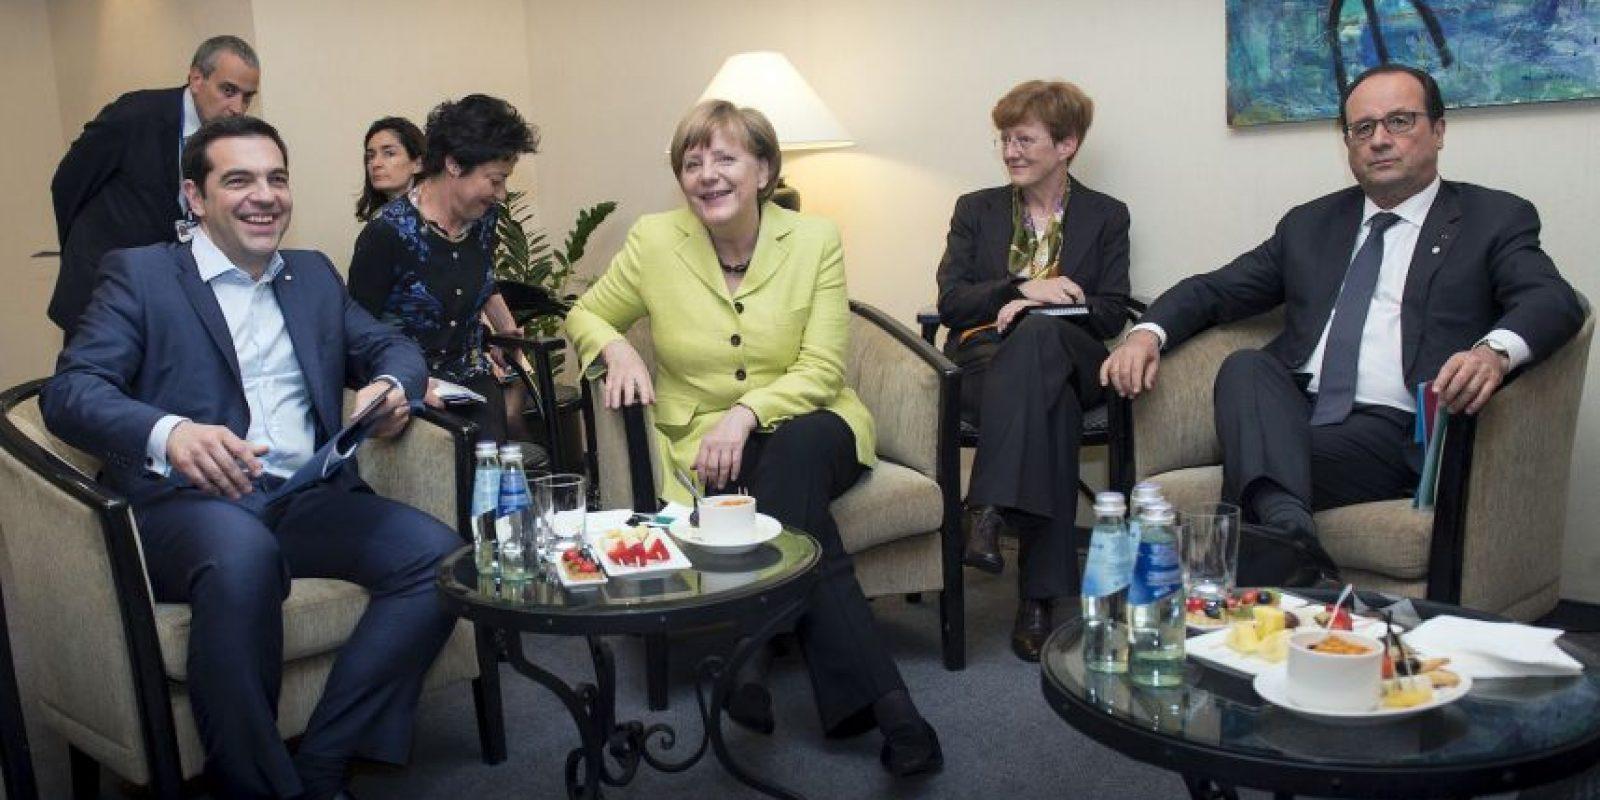 """7. """"Estoy personalmente comprometido a respetar el resultado de su elección democrática, cualquiera que sea"""" Foto:Getty Images"""